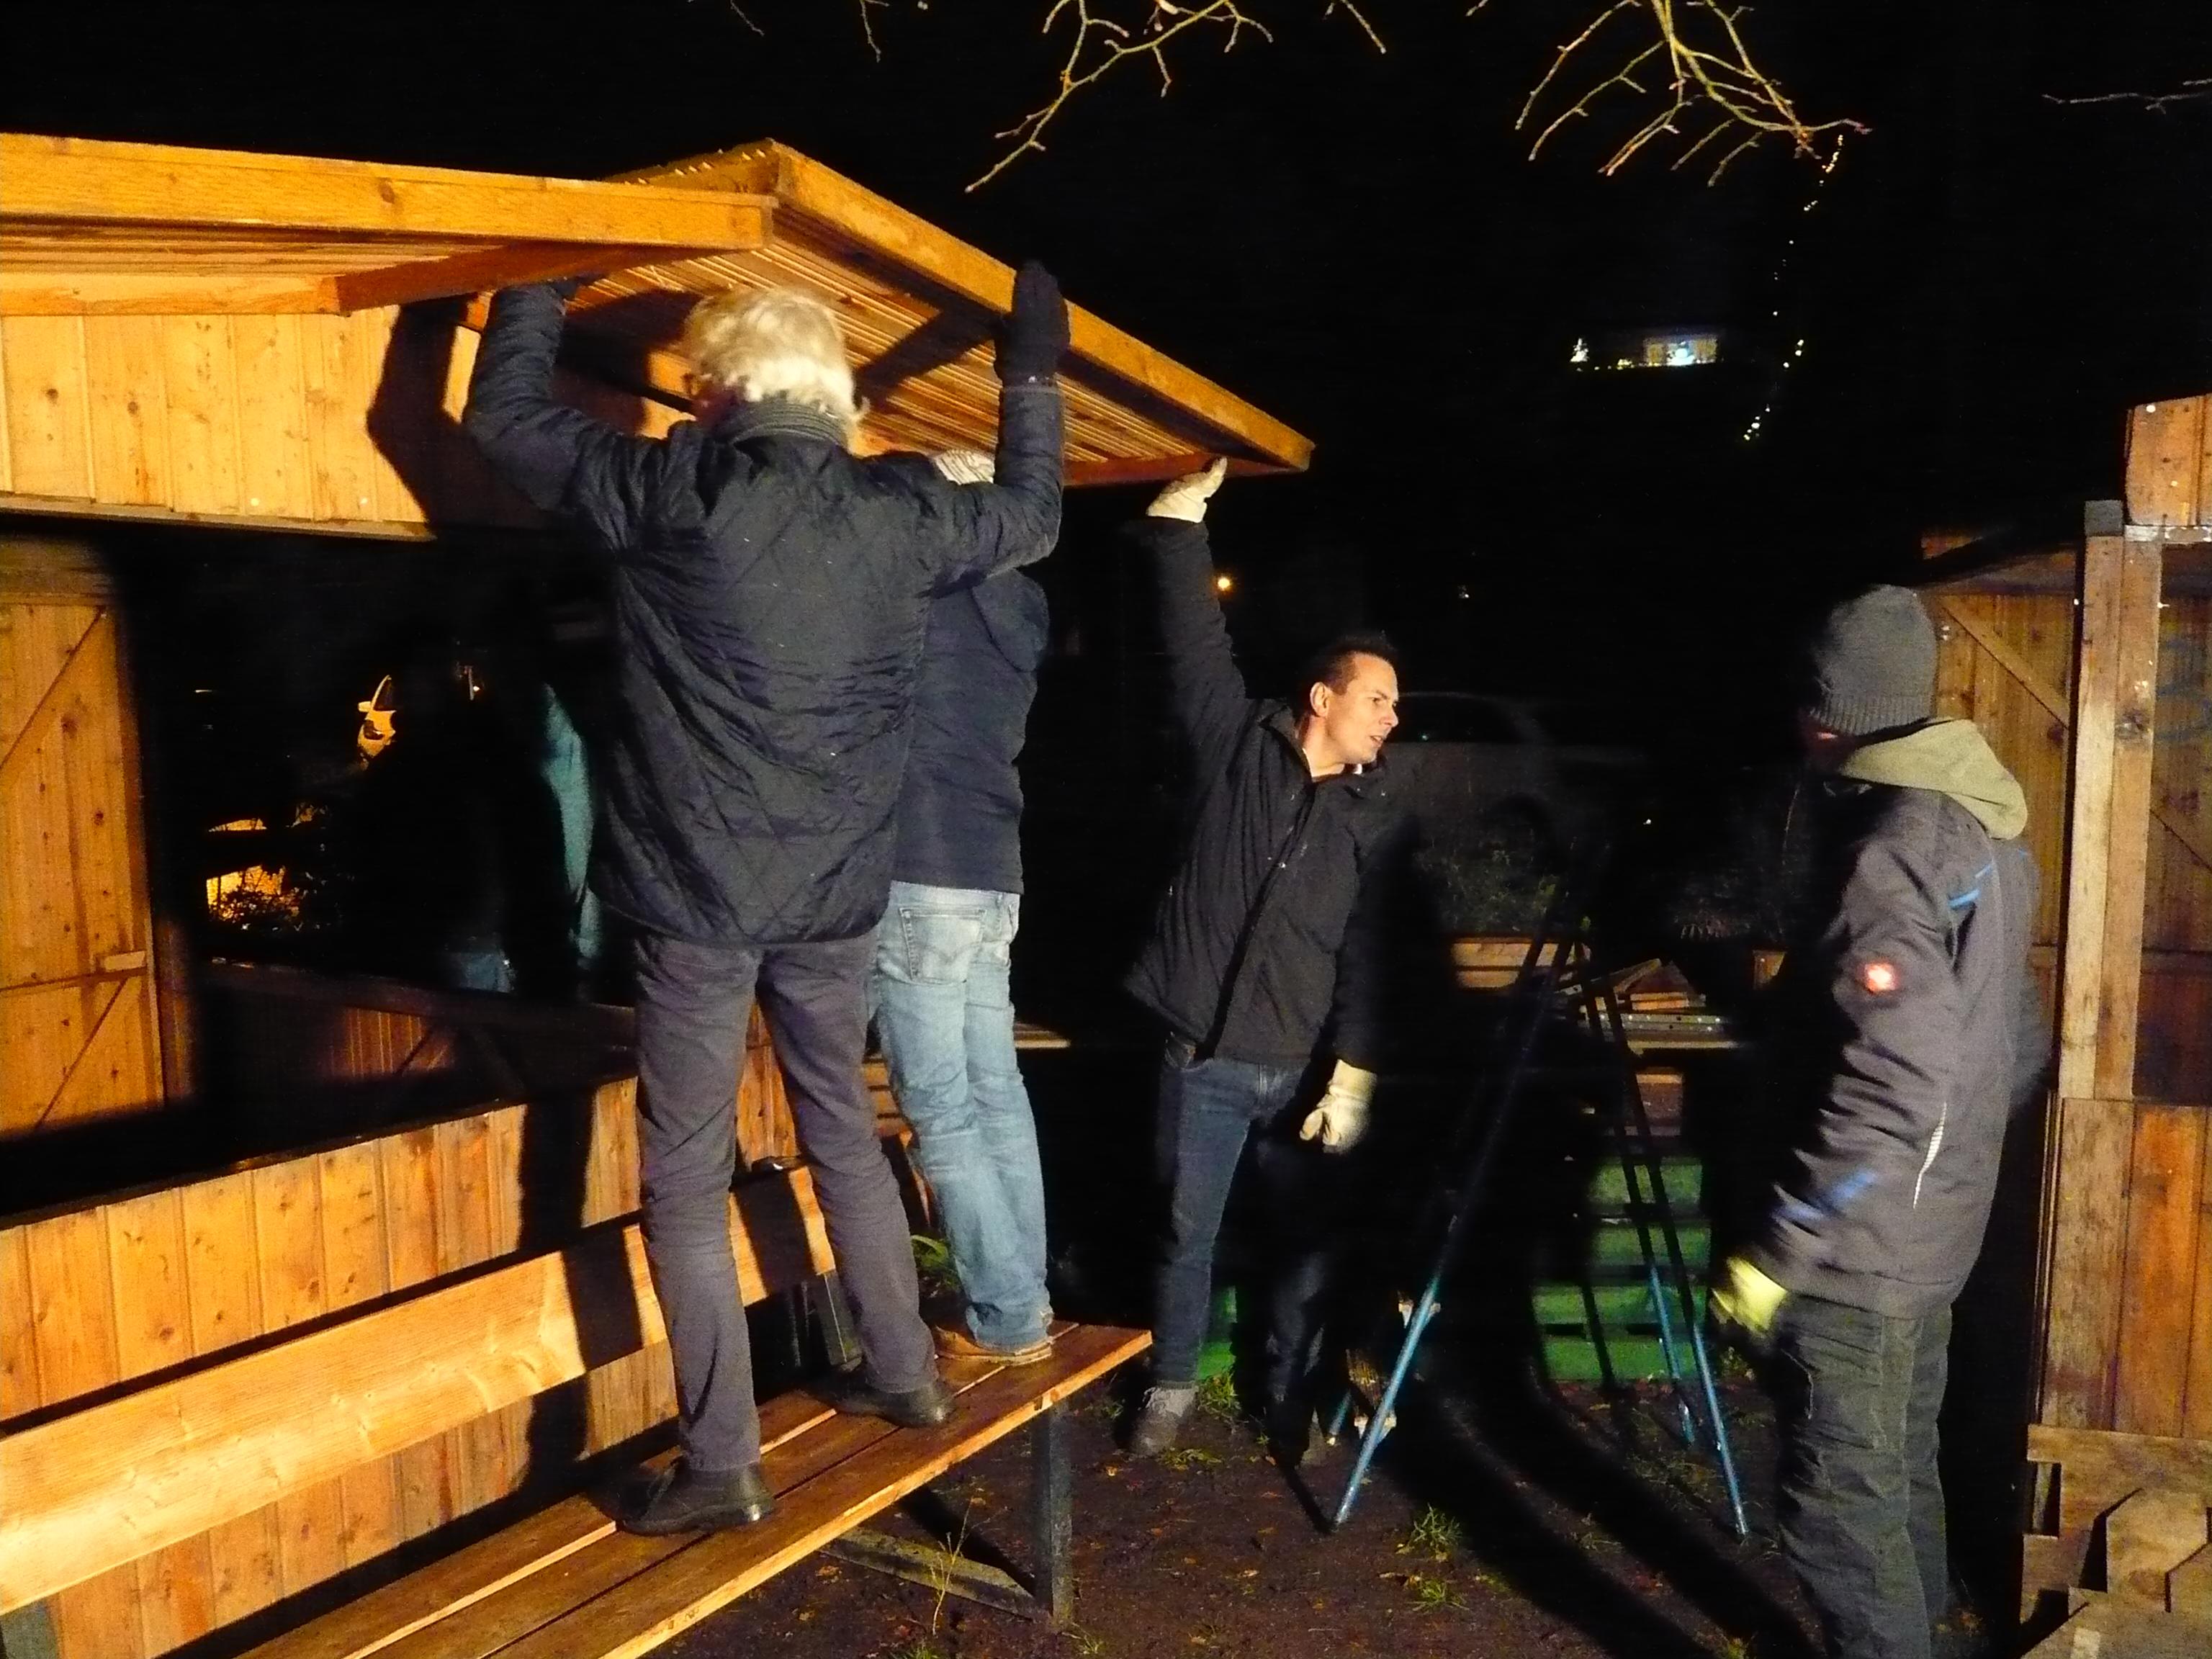 Aufbau Weihnachtsmarkt: 14 Menschen, strömender Regen – und alle packen an!